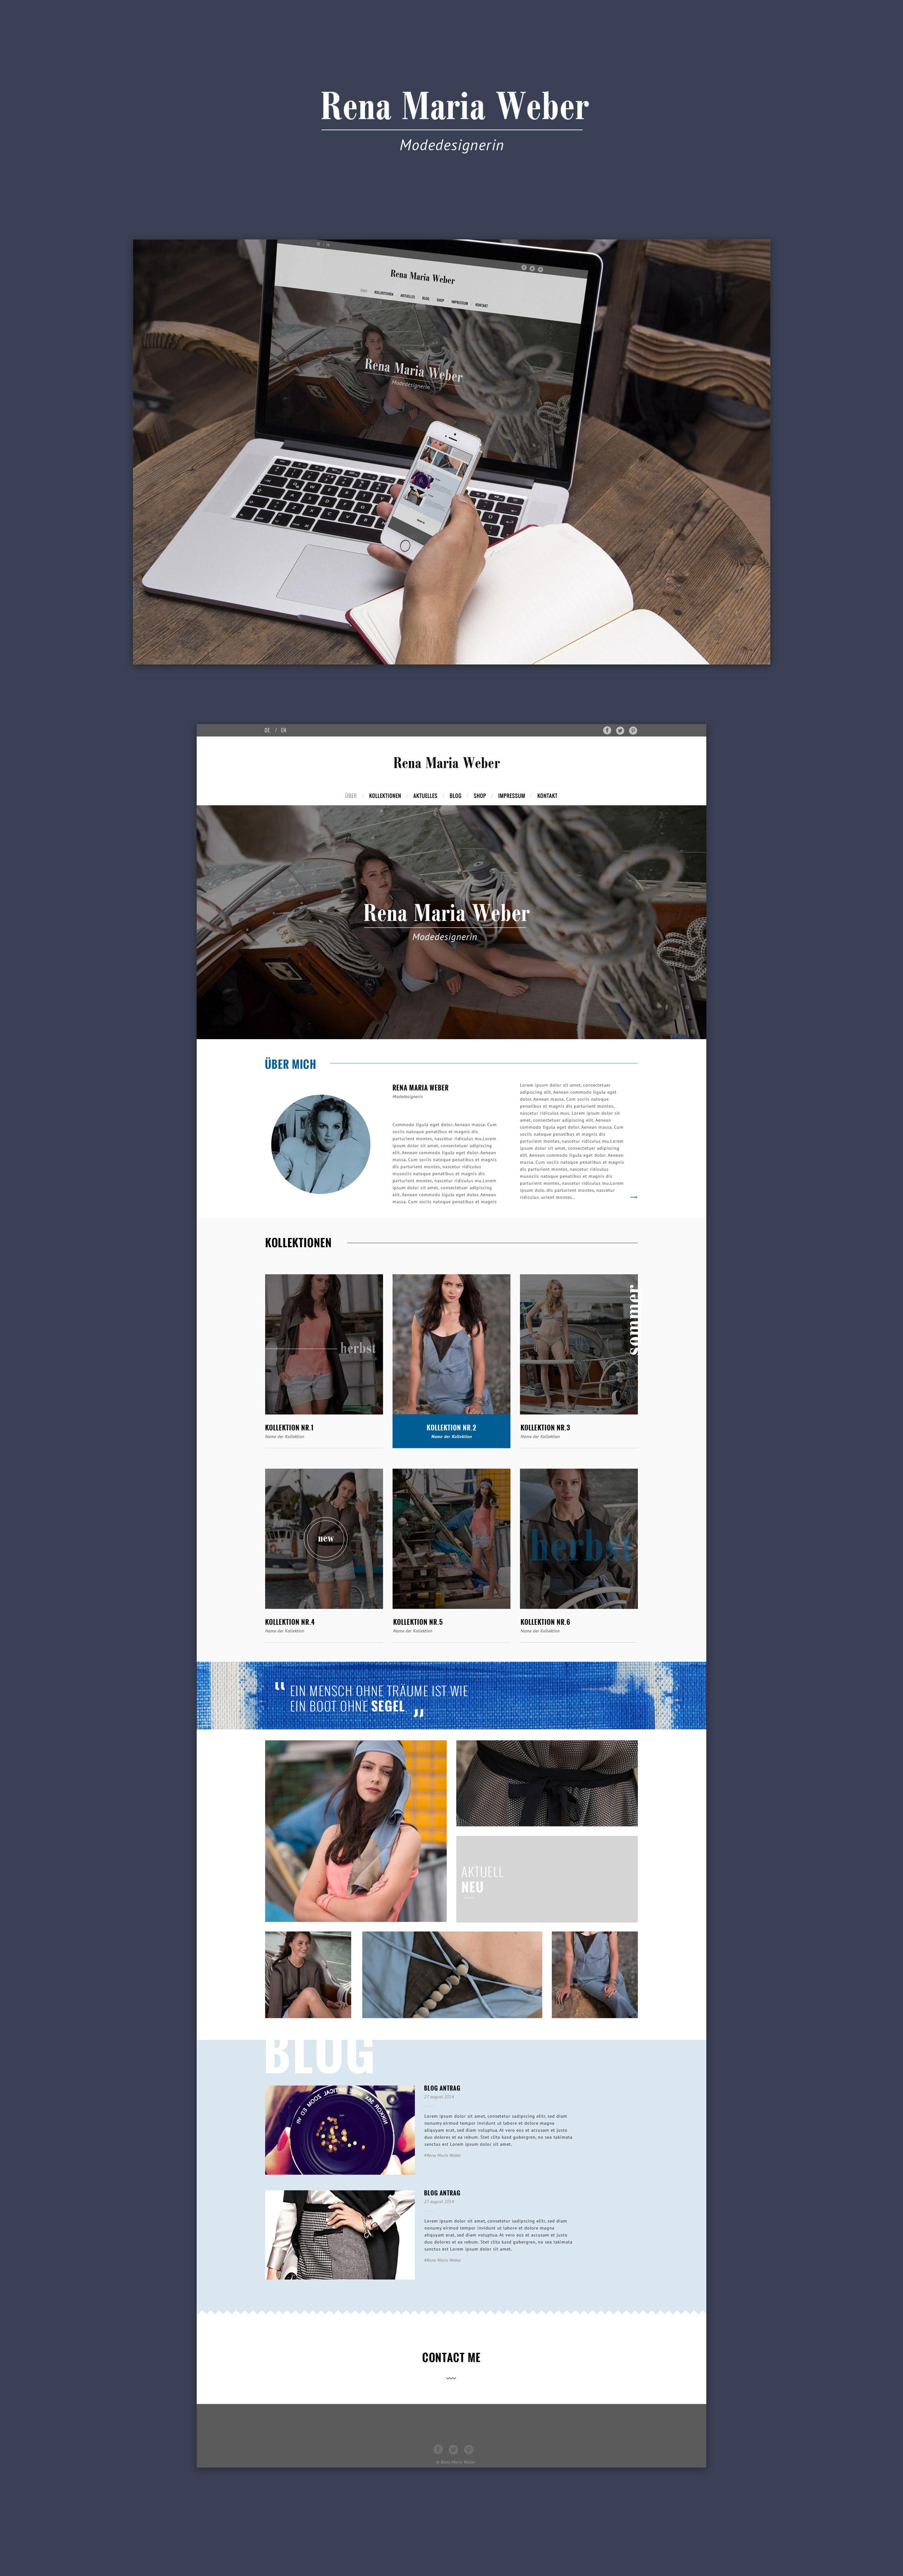 rena_maria_weber_new